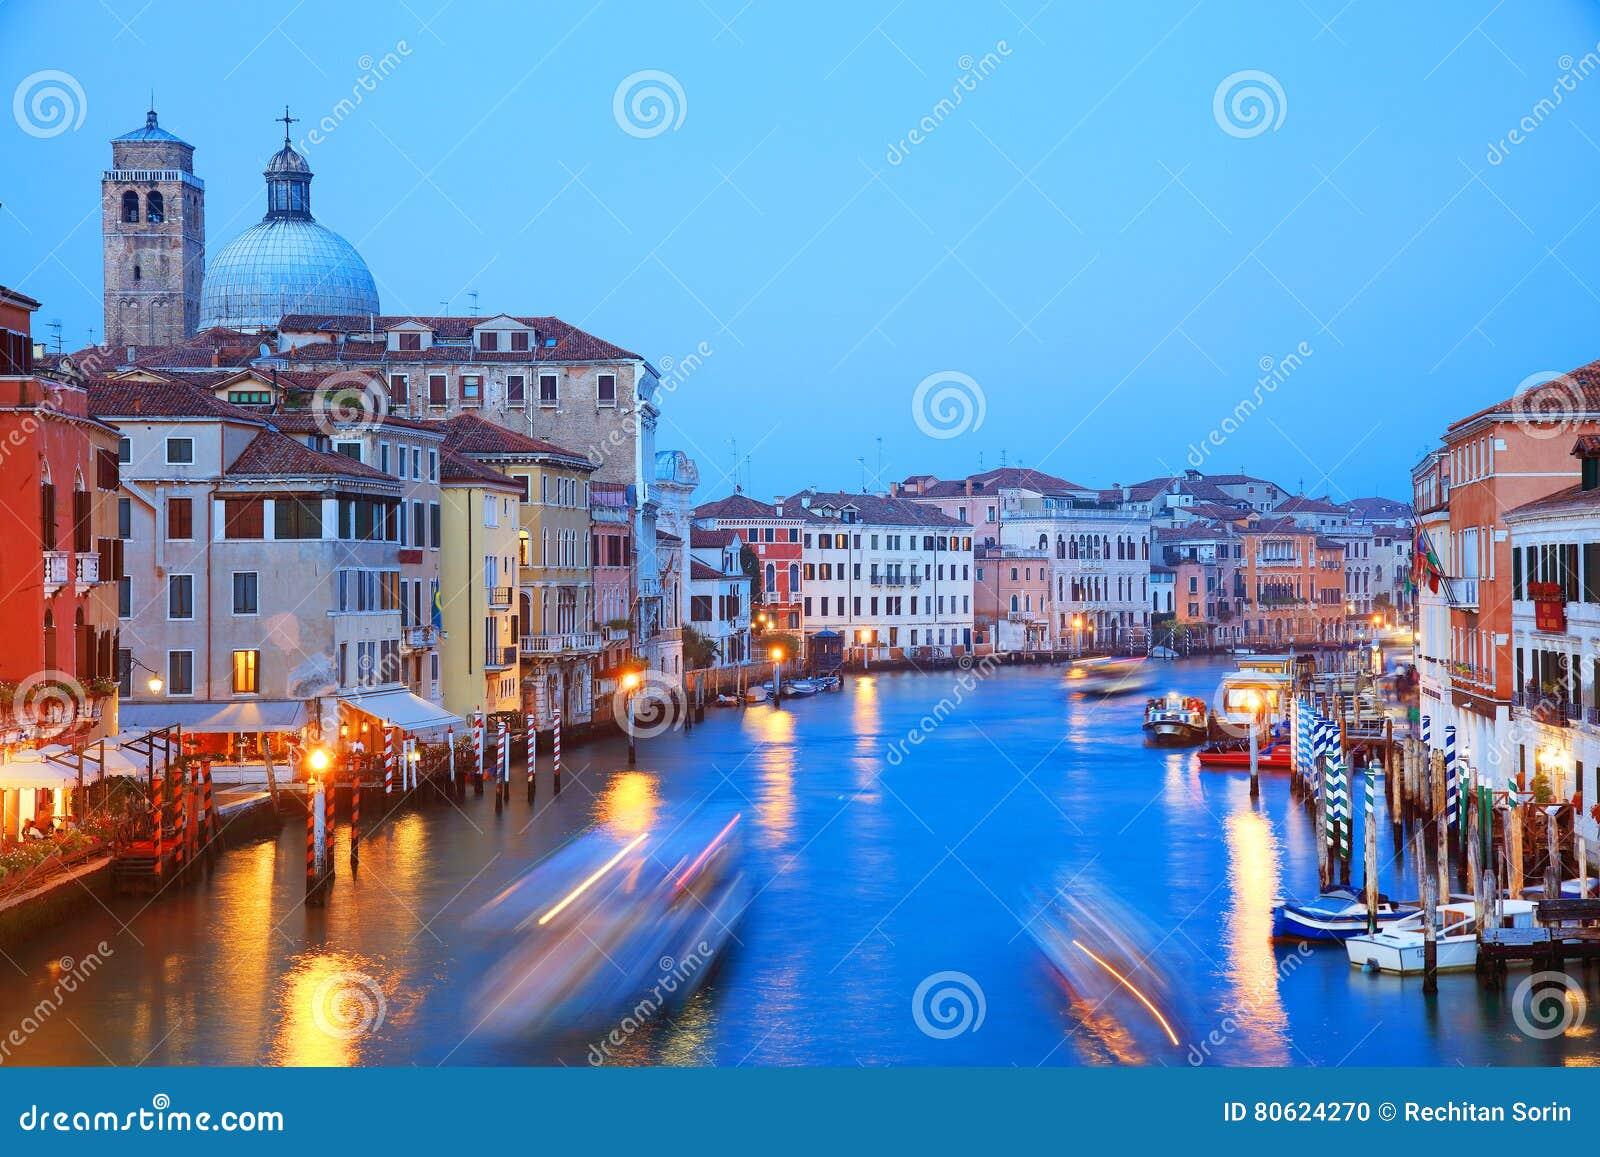 Venedig im Sonnenunterganglicht